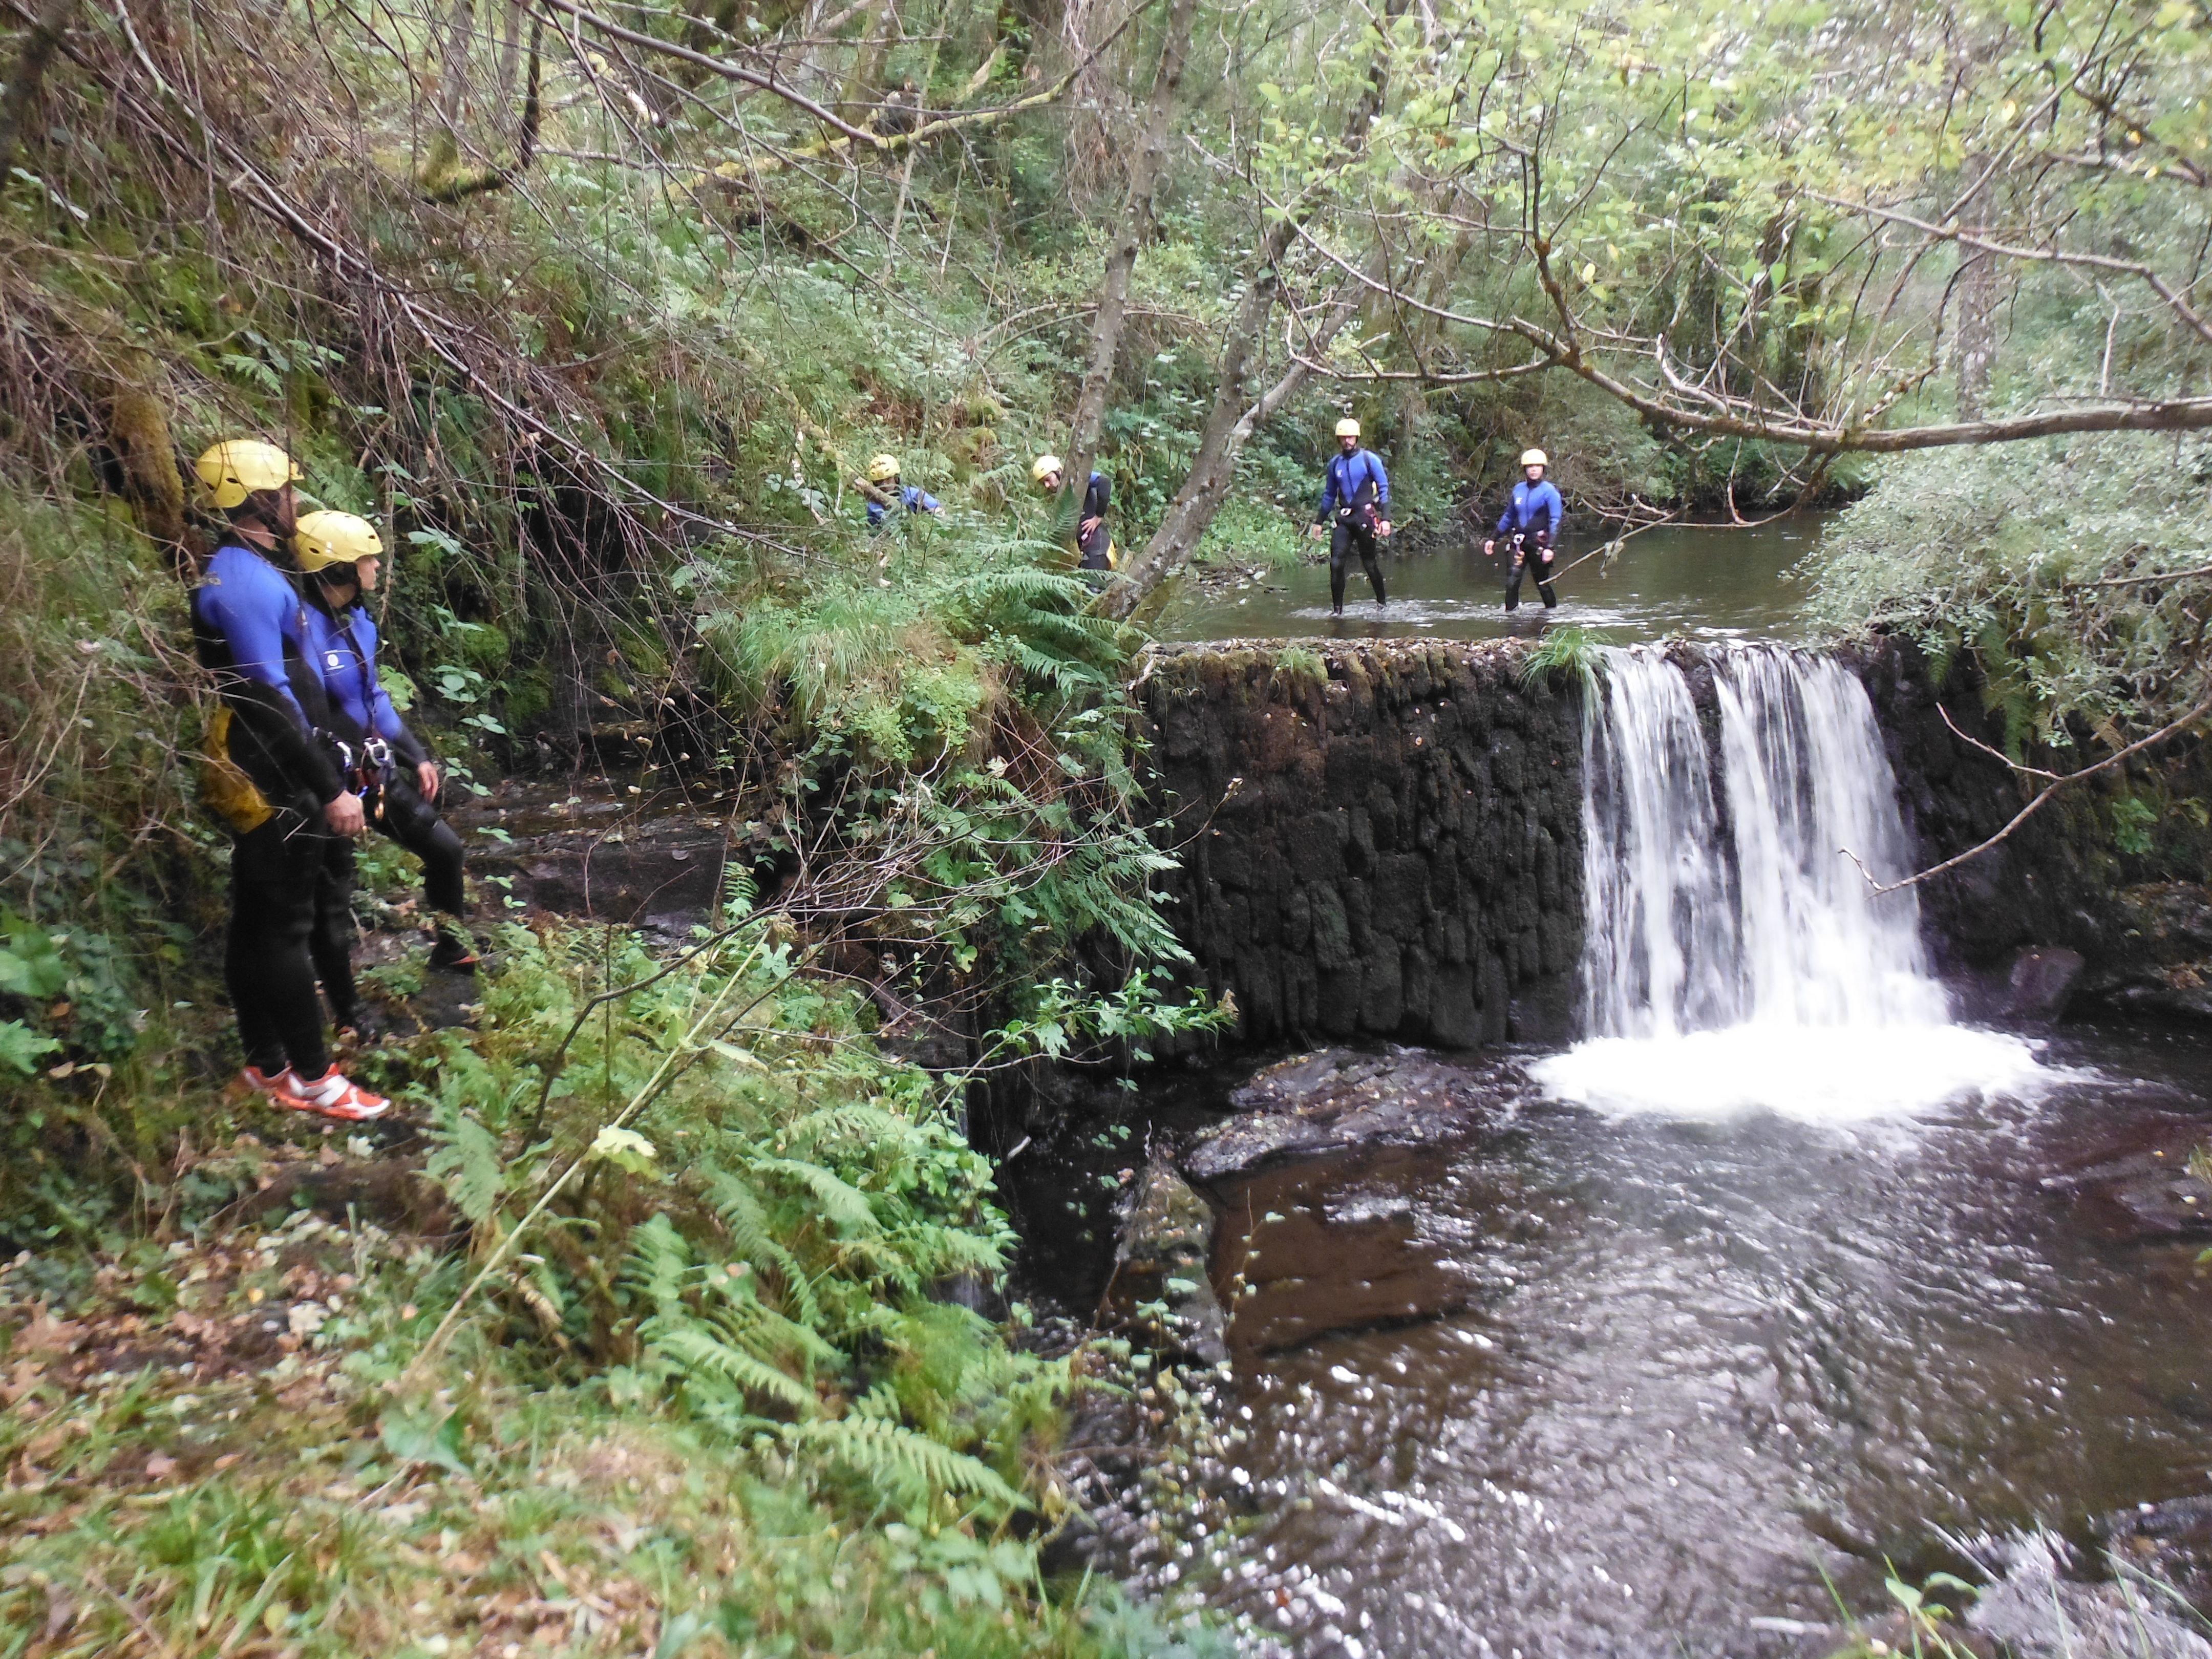 Las rutas de aventura en Galicia son la actividad perfecta para divertirse y descubrir las cientos de leyendas de nuestra tierra.